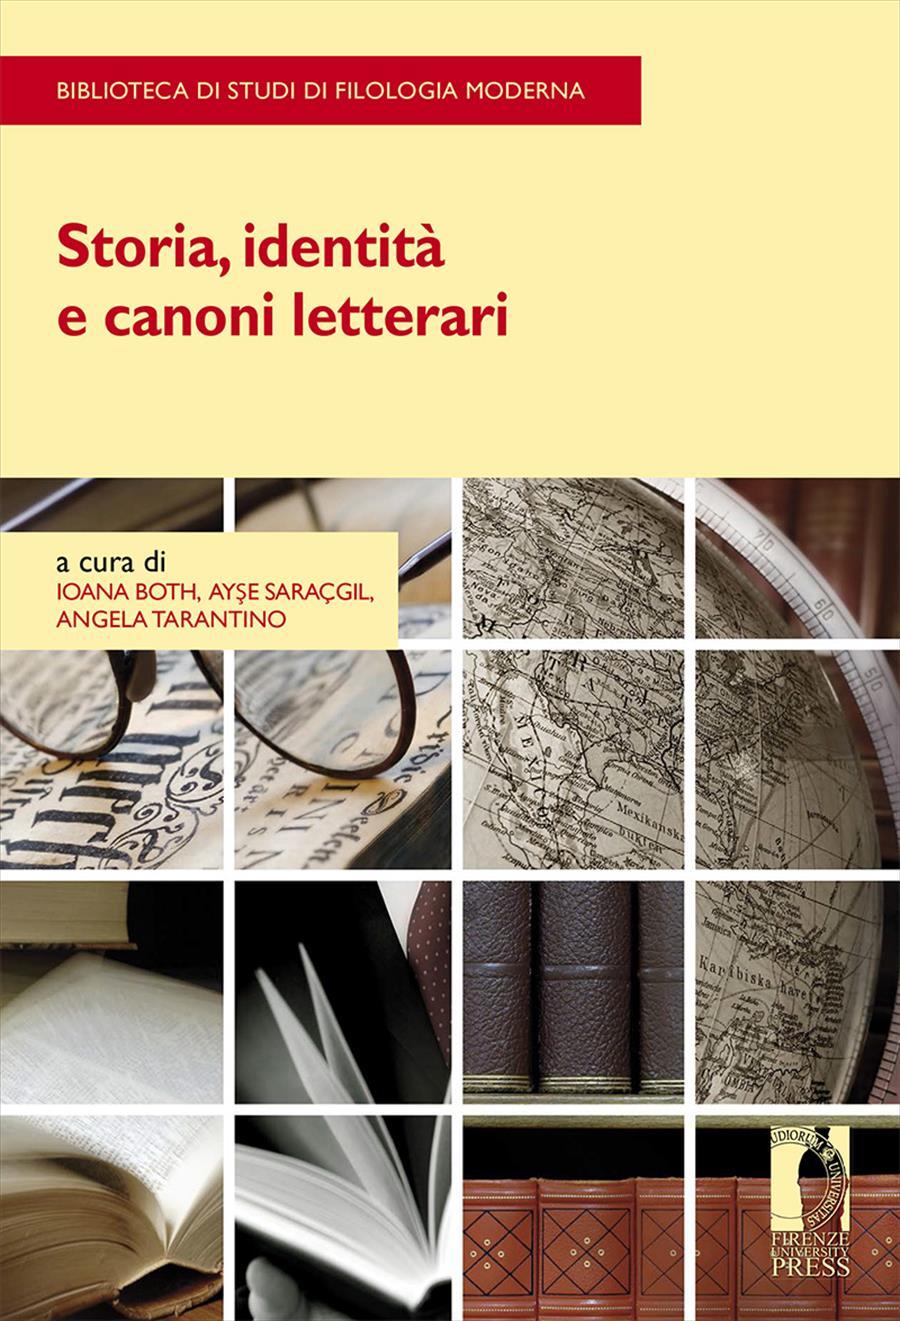 Storia, identità e canoni letterari